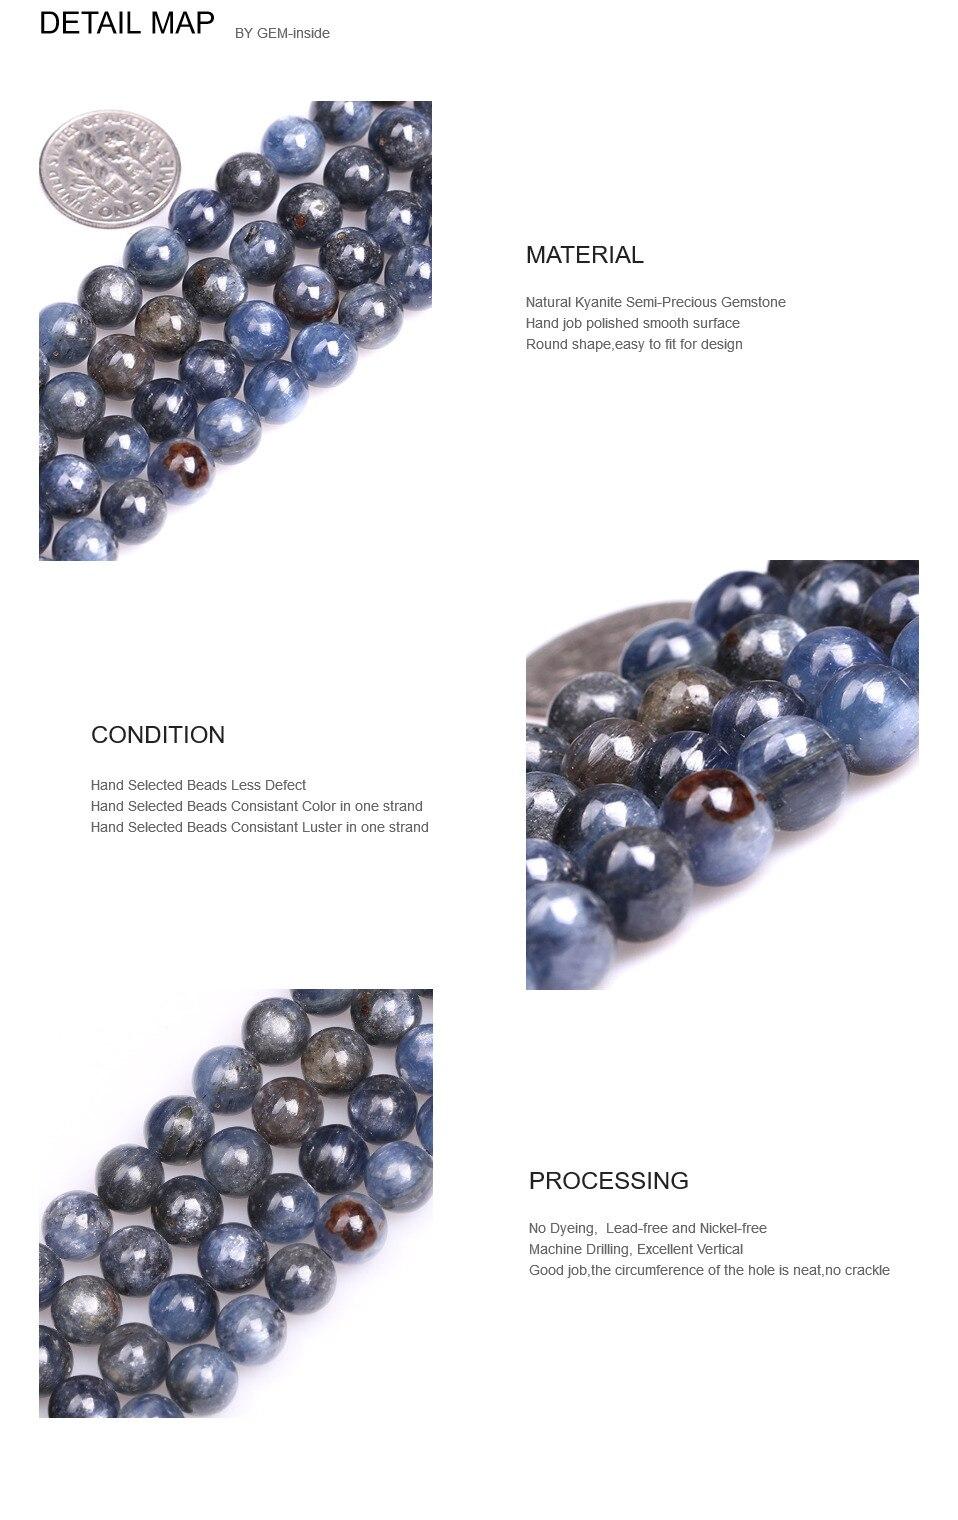 """Натуральный Камень Круглый Синий Кианит бусины для изготовления ювелирных изделий нить 1"""" DIY браслет ожерелье свободные бусины 4 мм 6 мм 8 мм 10 мм 12 мм"""